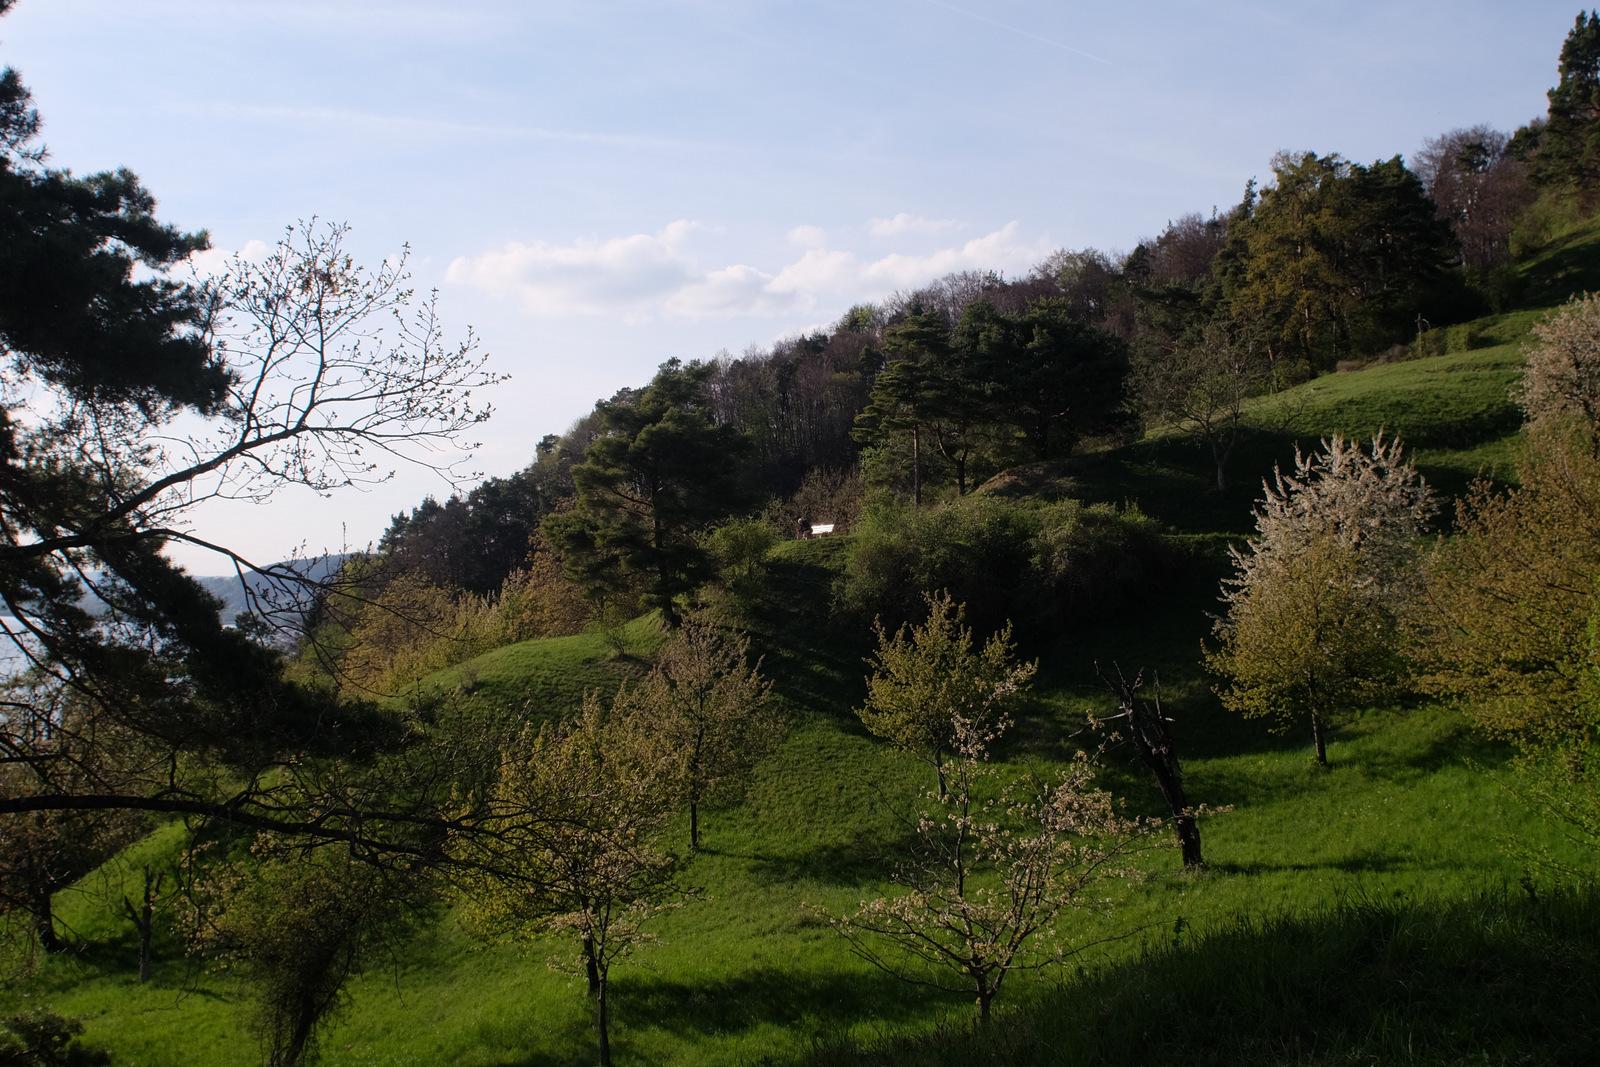 Ferienwohnung Schwarzwald Menzenschwand Umgebung Bodensee